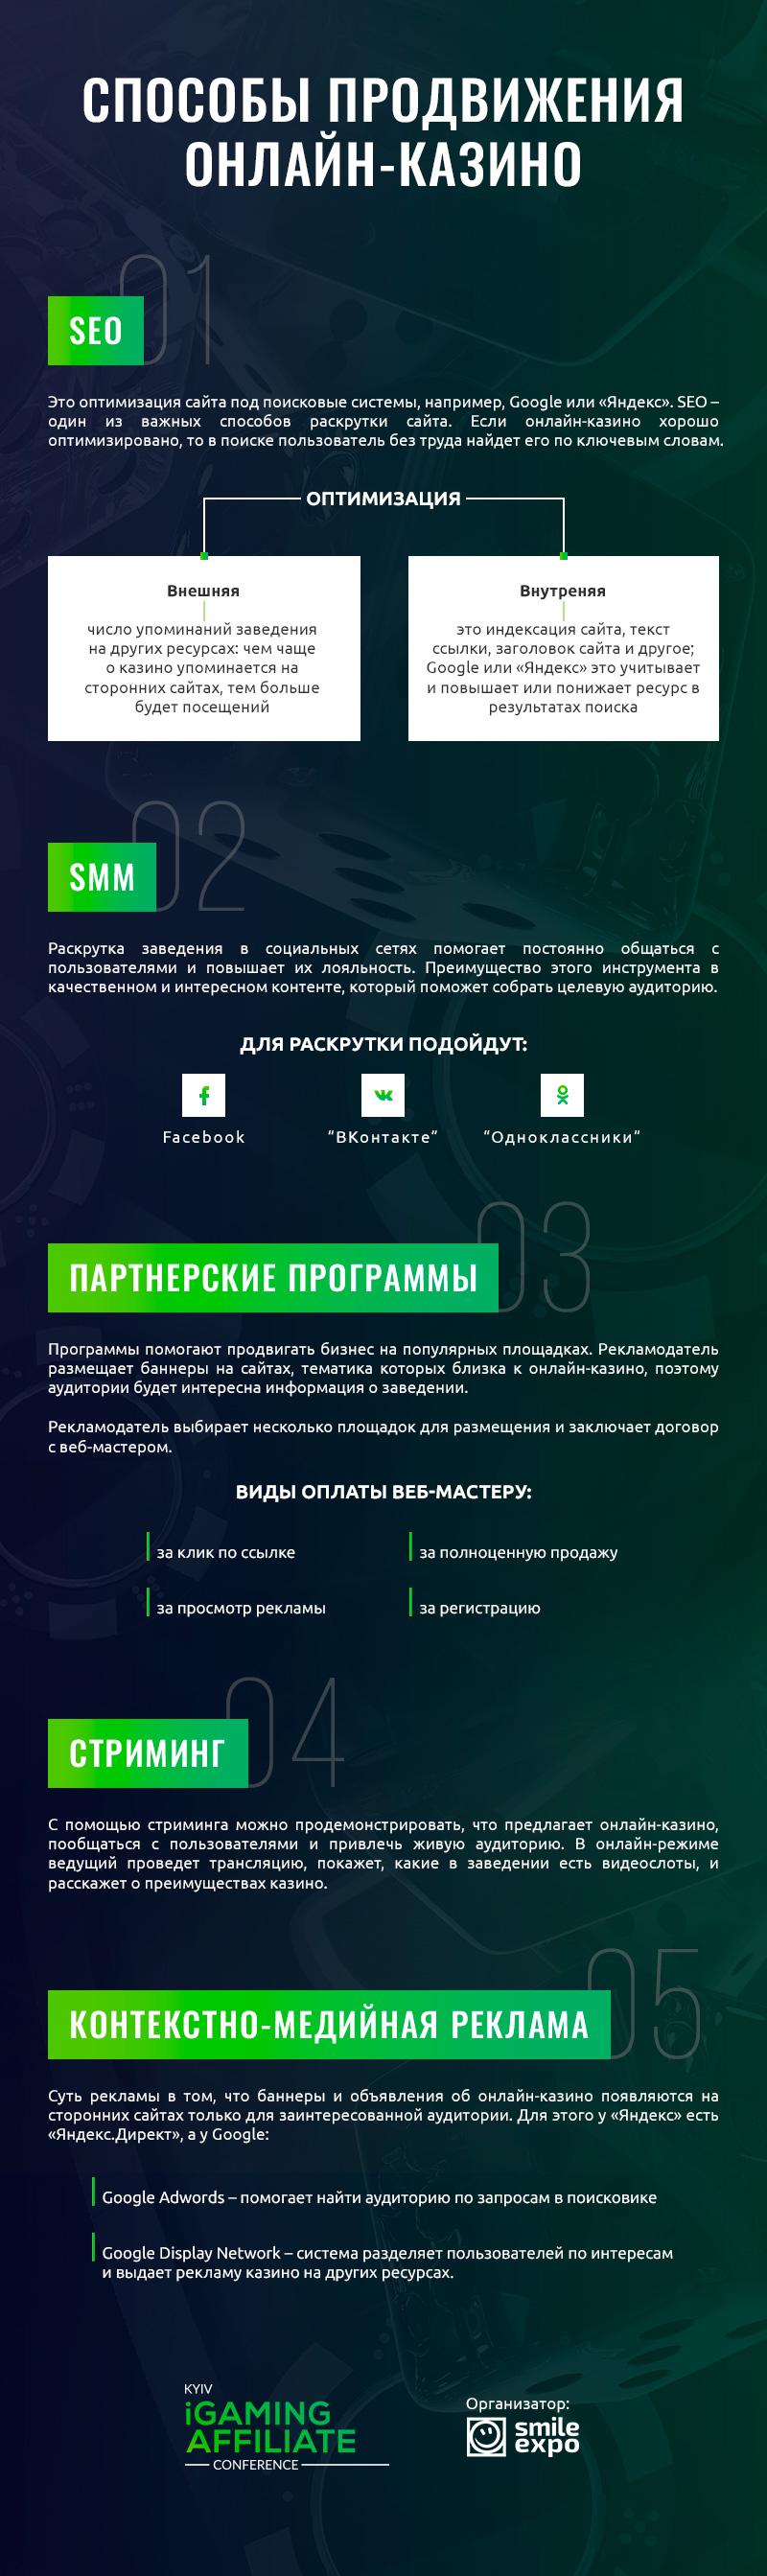 Топ-5 инструментов для продвижения онлайн-казино. Инфографика